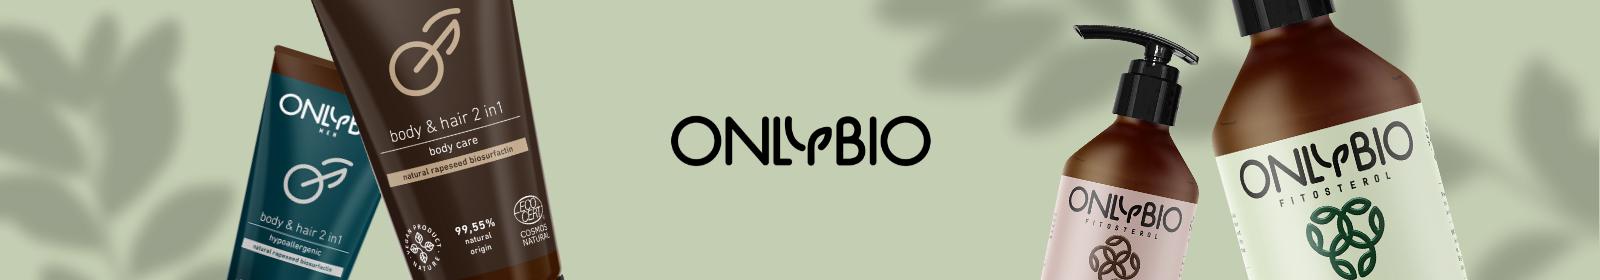 cosmetice/ingrijire-par only_bio